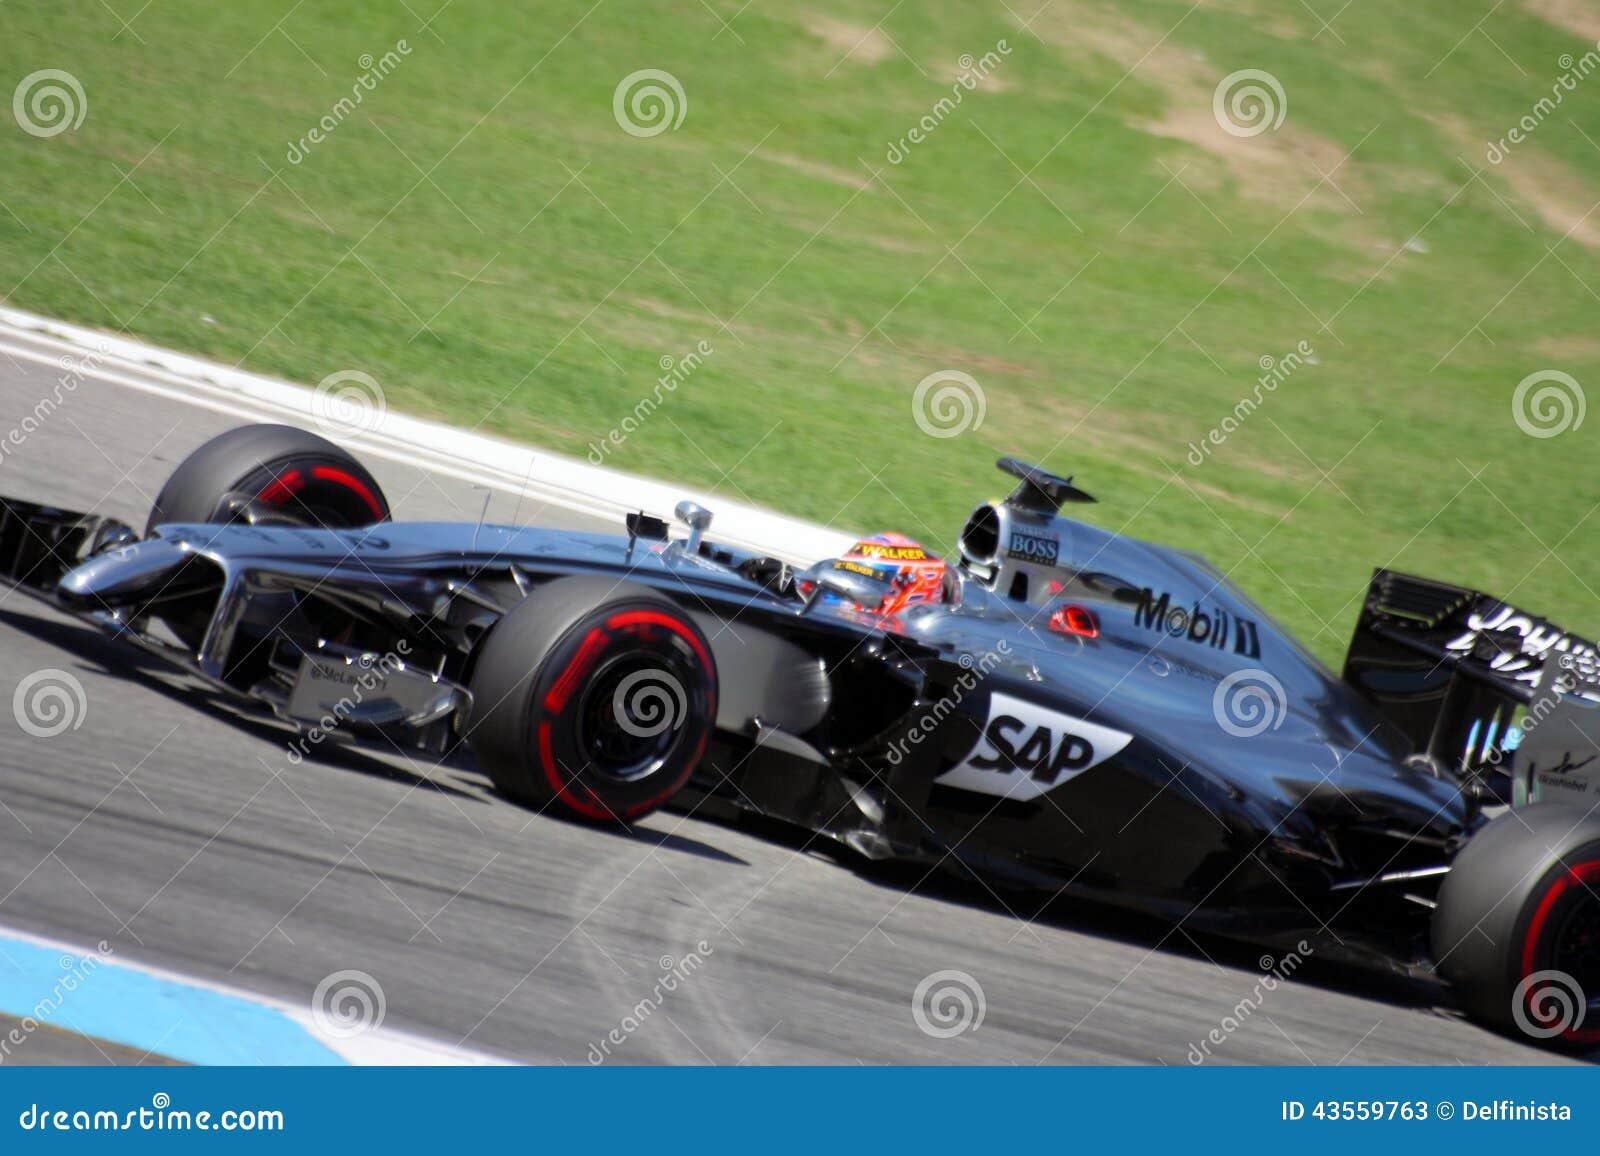 一级方程式赛车迈凯轮默西迪丝汽车:简森・巴顿- F1照片